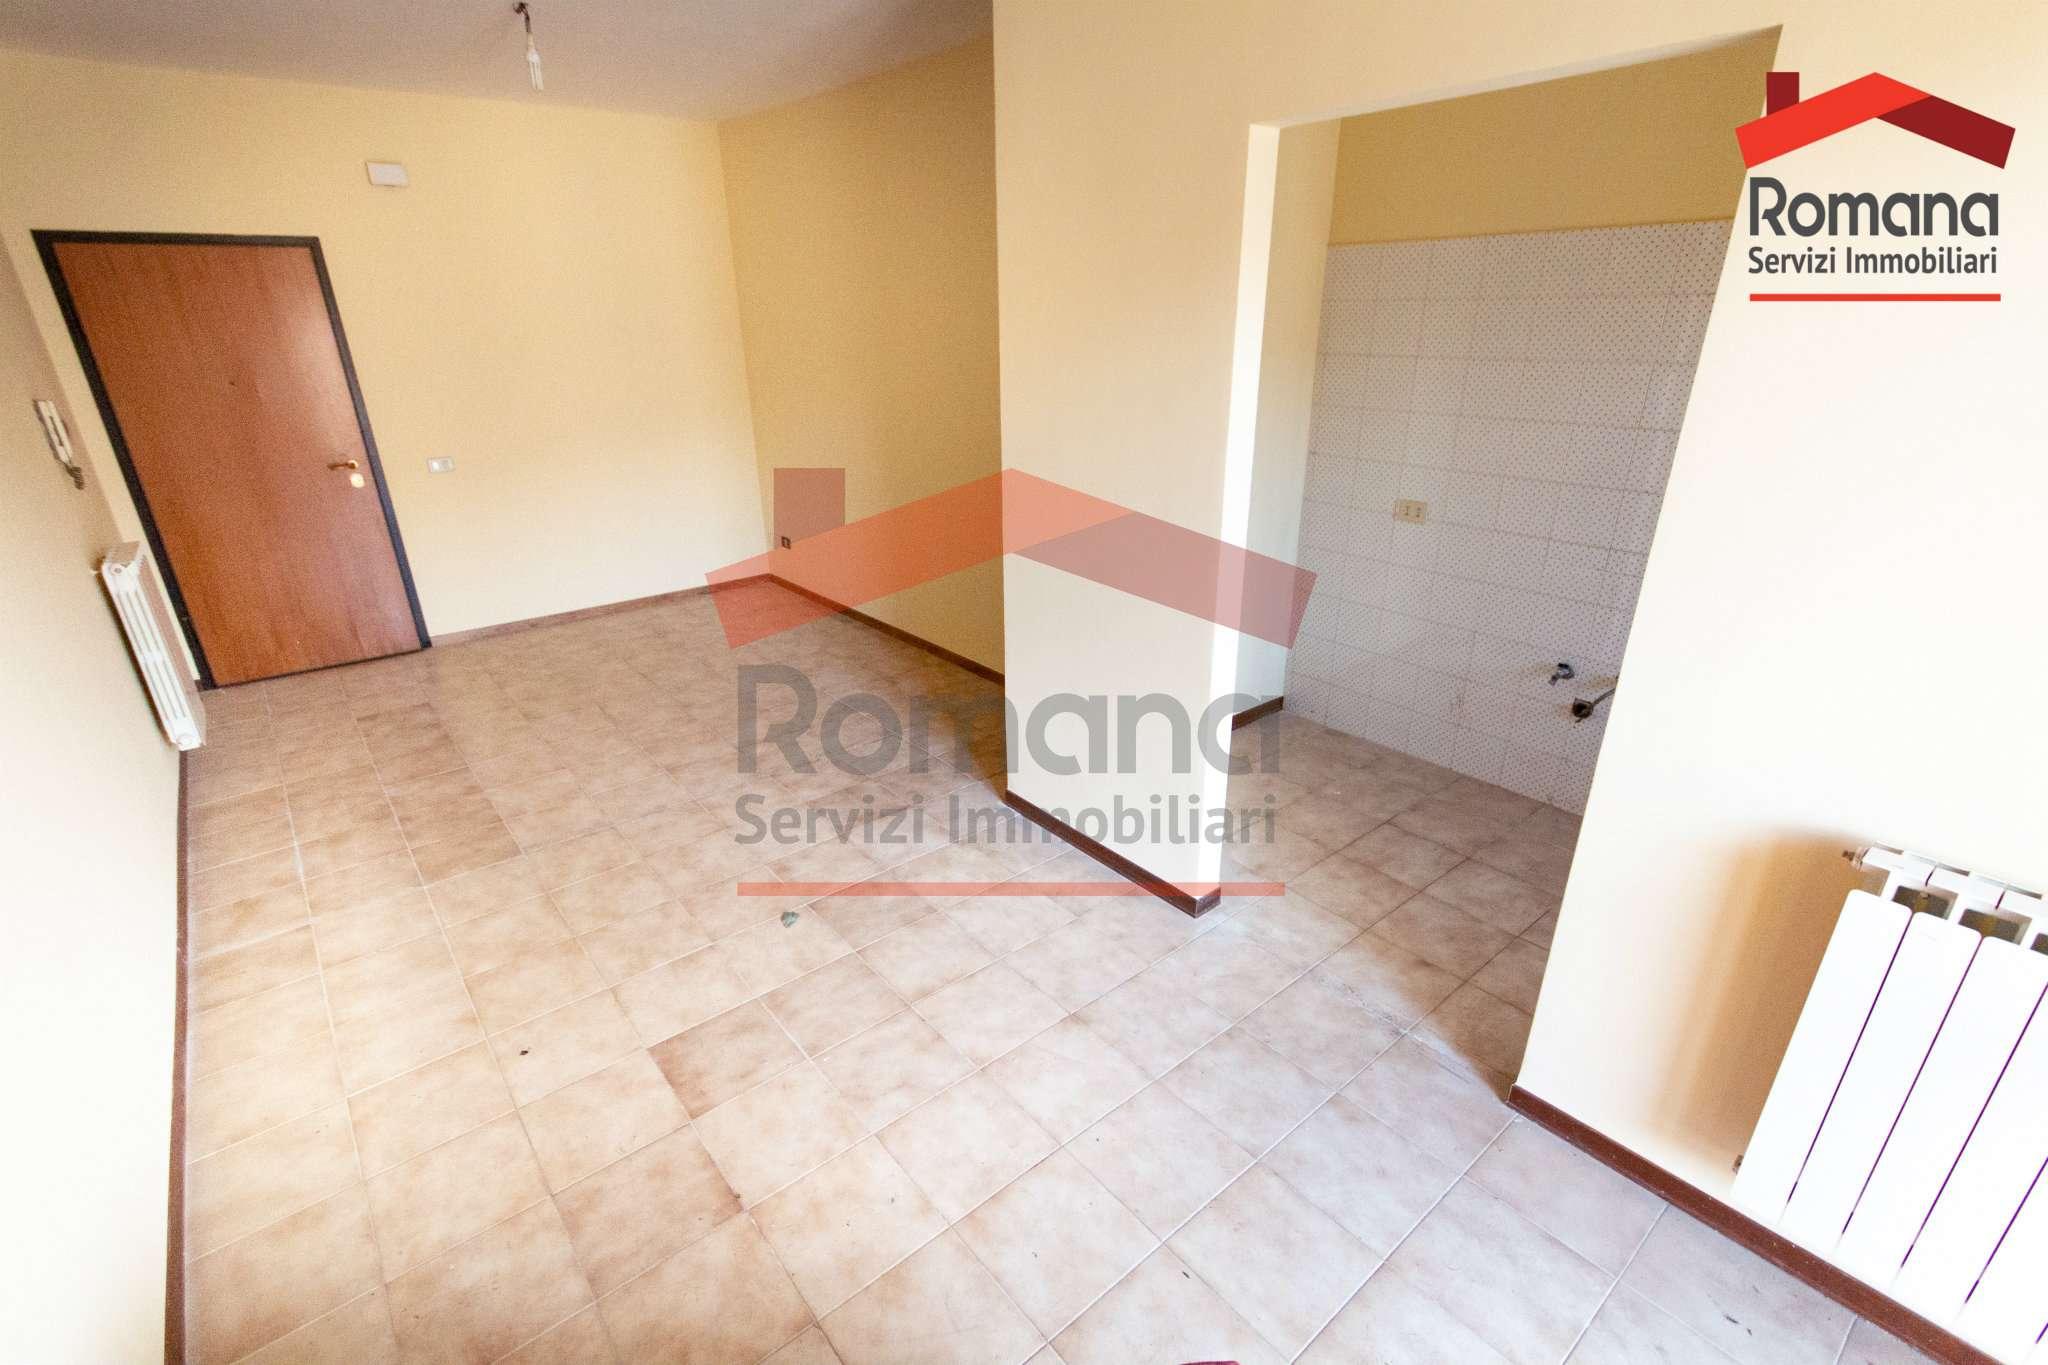 Appartamento in vendita a Zagarolo, 1 locali, prezzo € 350 | PortaleAgenzieImmobiliari.it